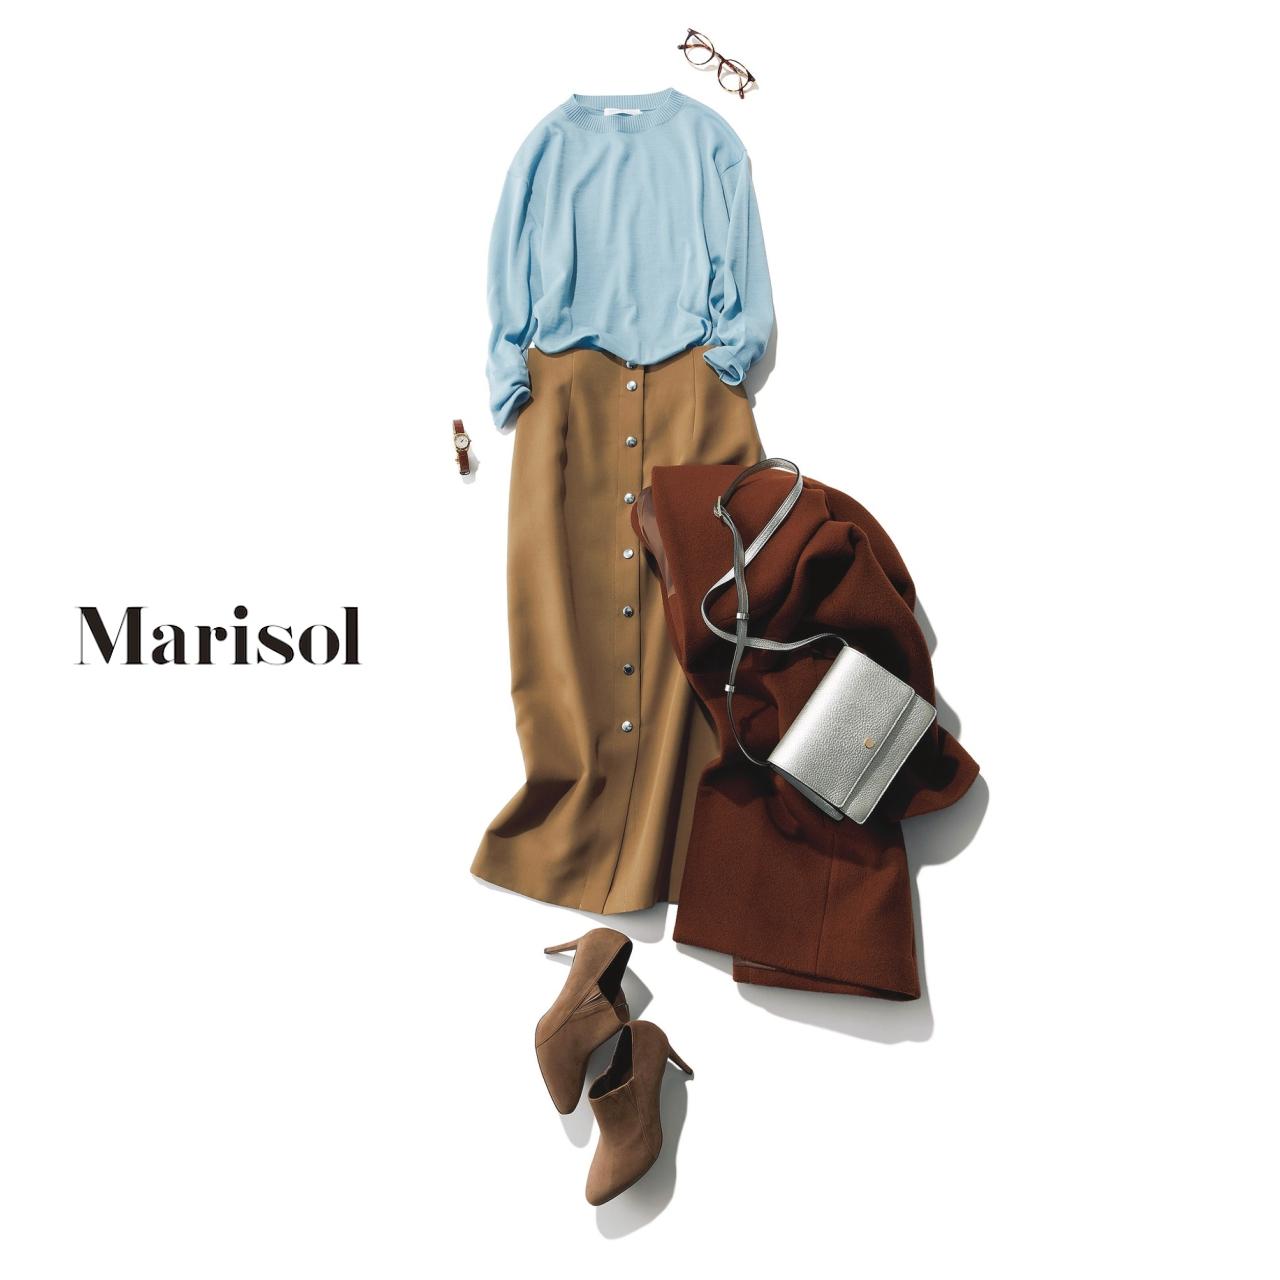 40代ファッション きれい色クルーネックニット×ベージュタイトスカートコーデ